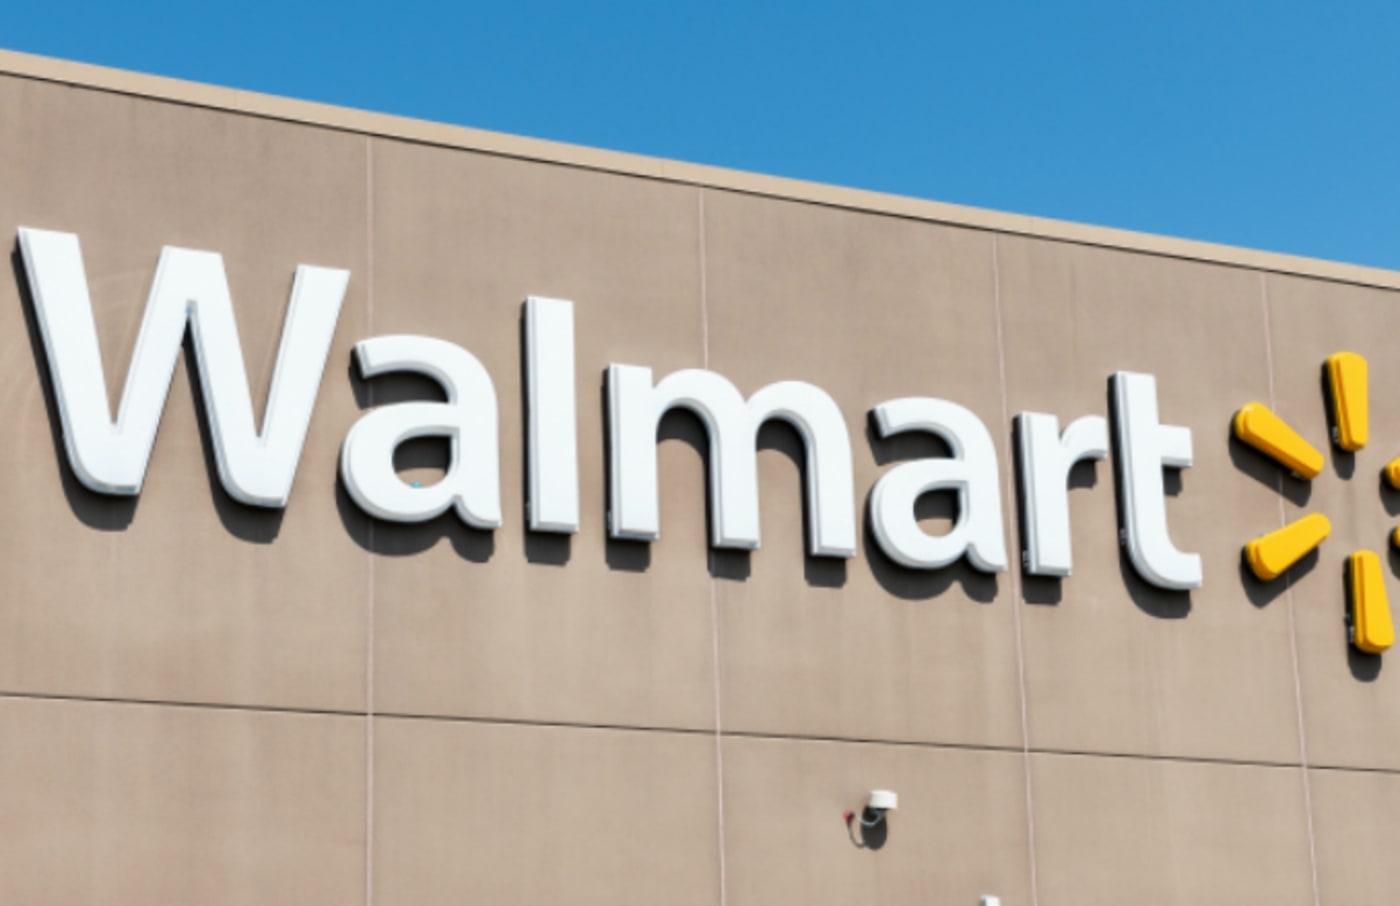 Walmart store in Teterboro, New Jersey